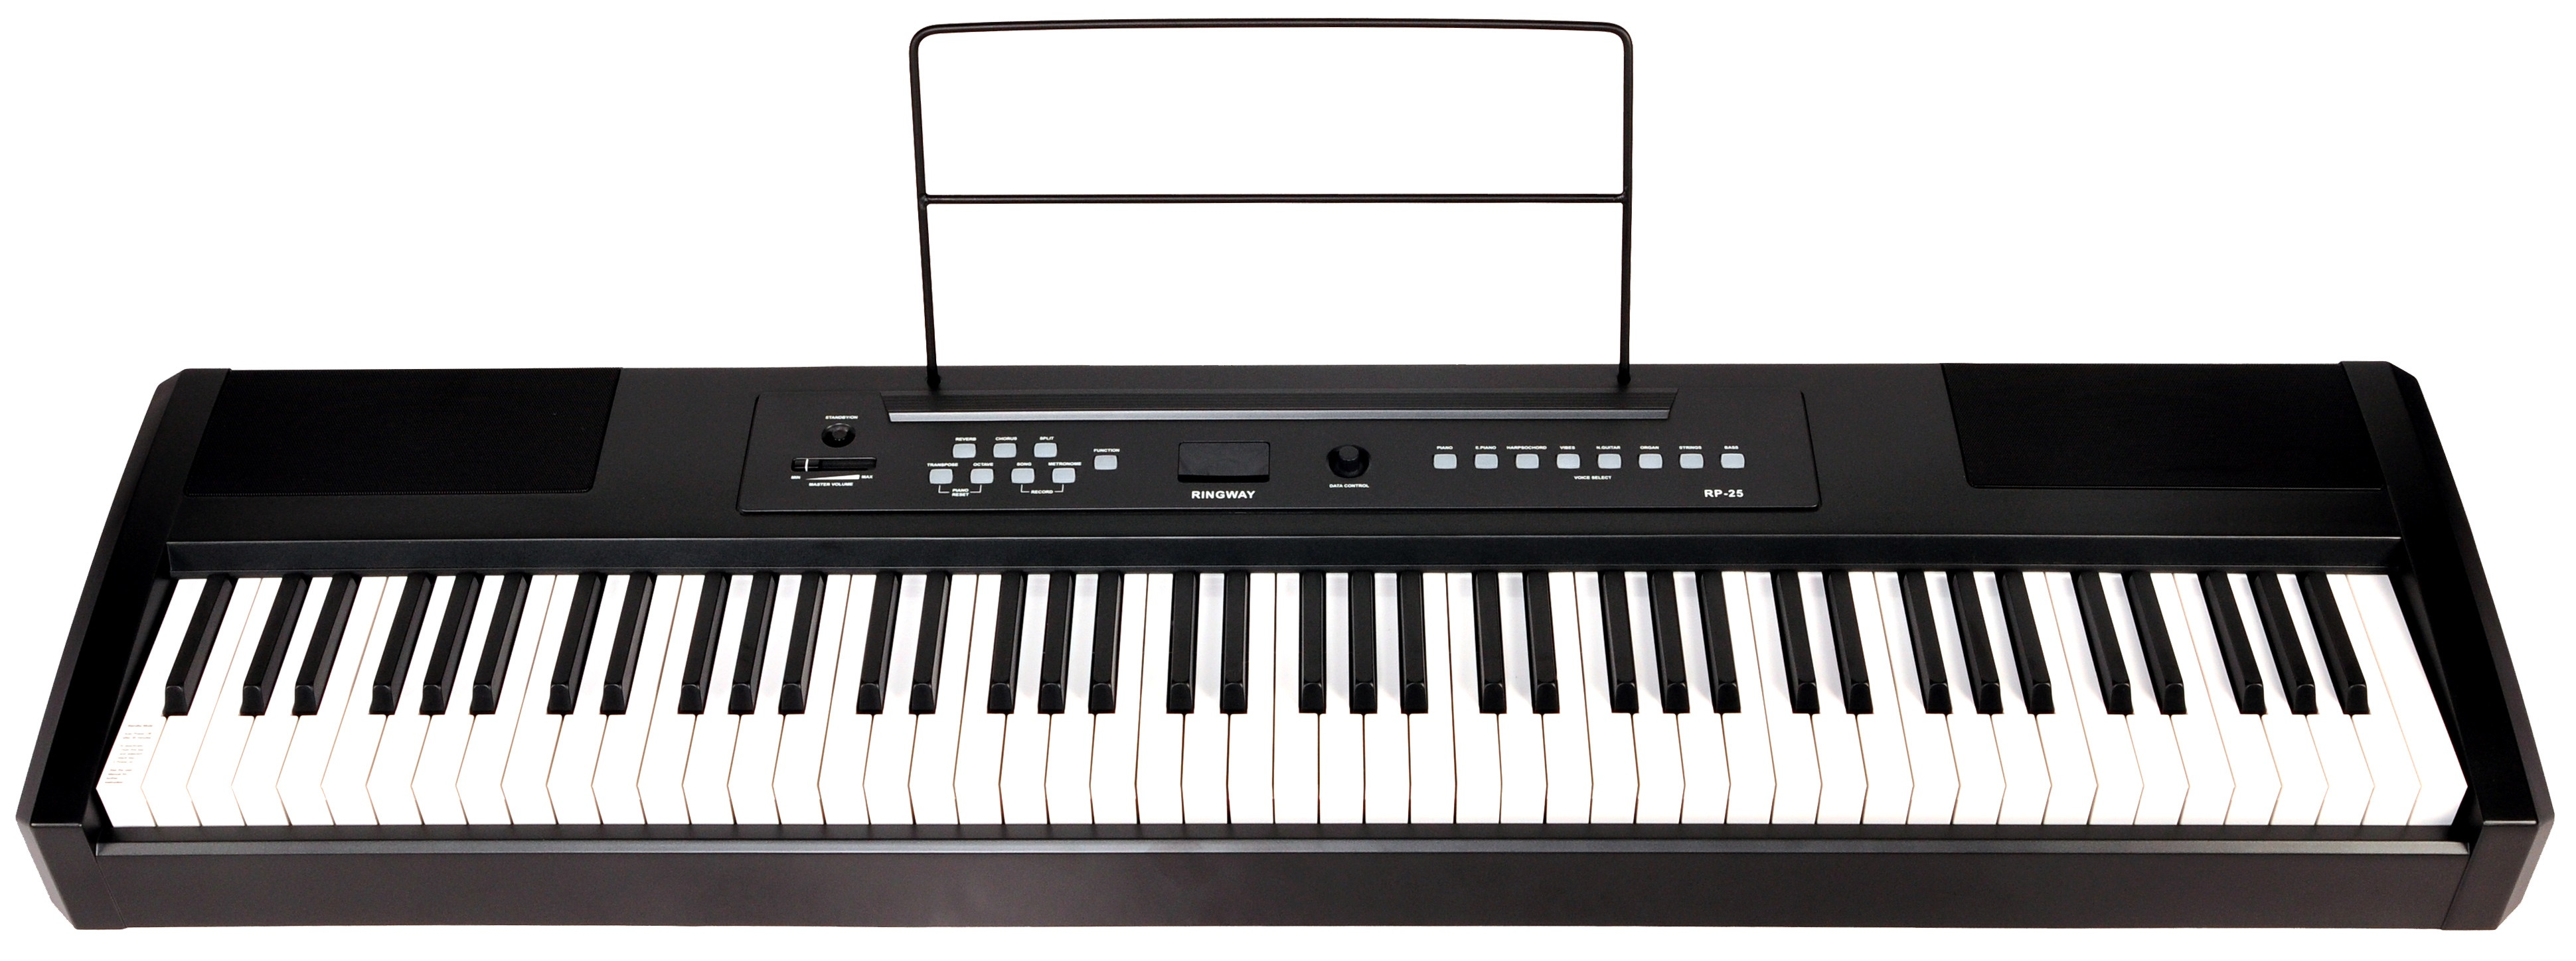 PIANO DE ESCENARIO RINGWAY RP25